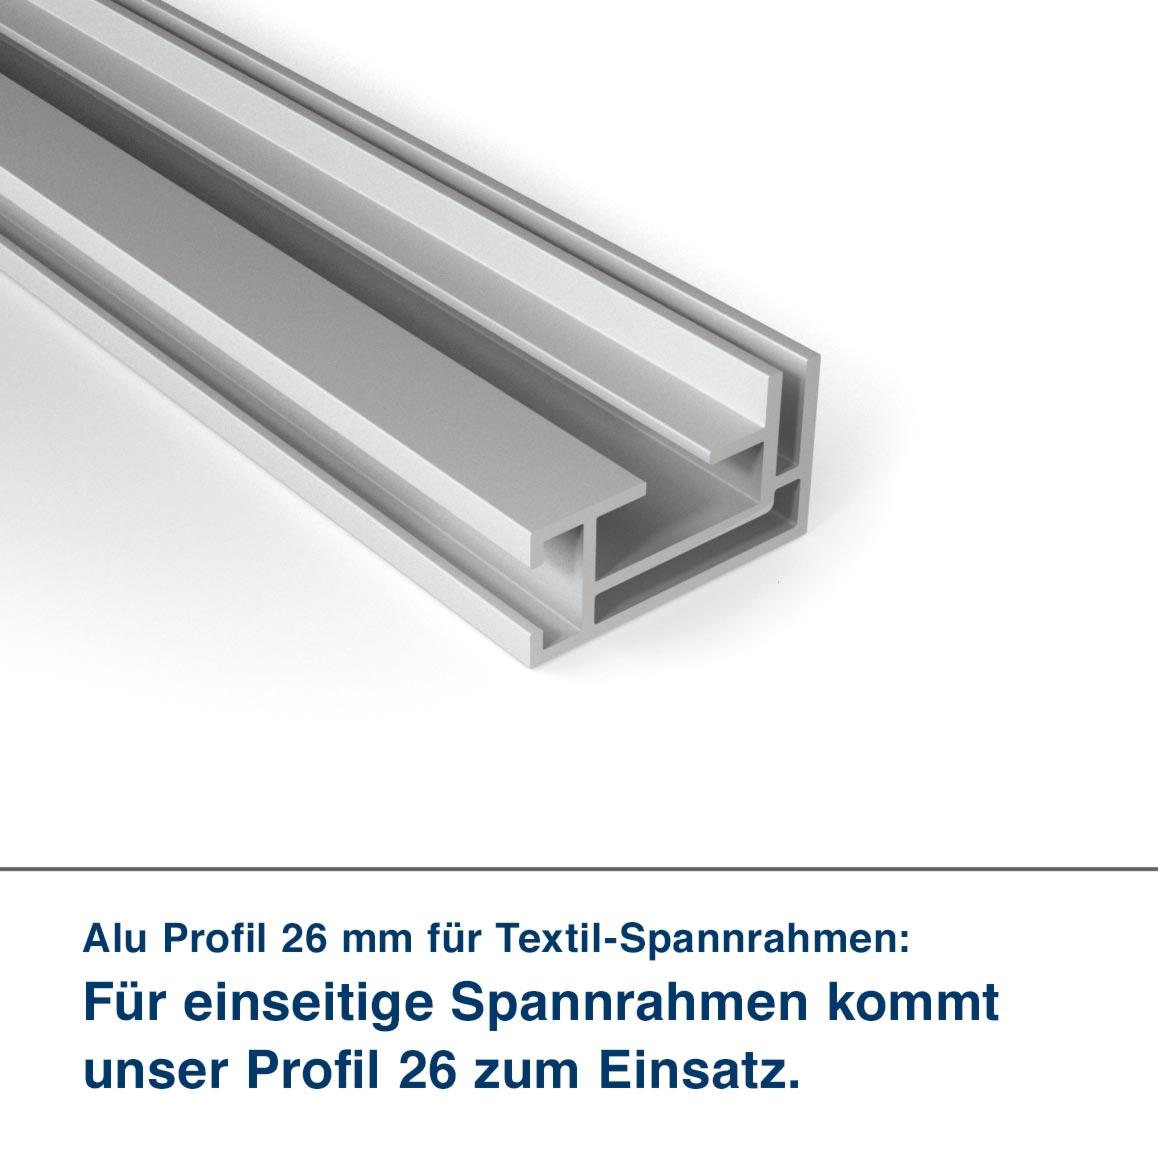 Alu Profil 26 mm für Textil-Spannrahmen:  Für einseitige Spannrahmen kommt unser Profil 26 zum Einsatz.